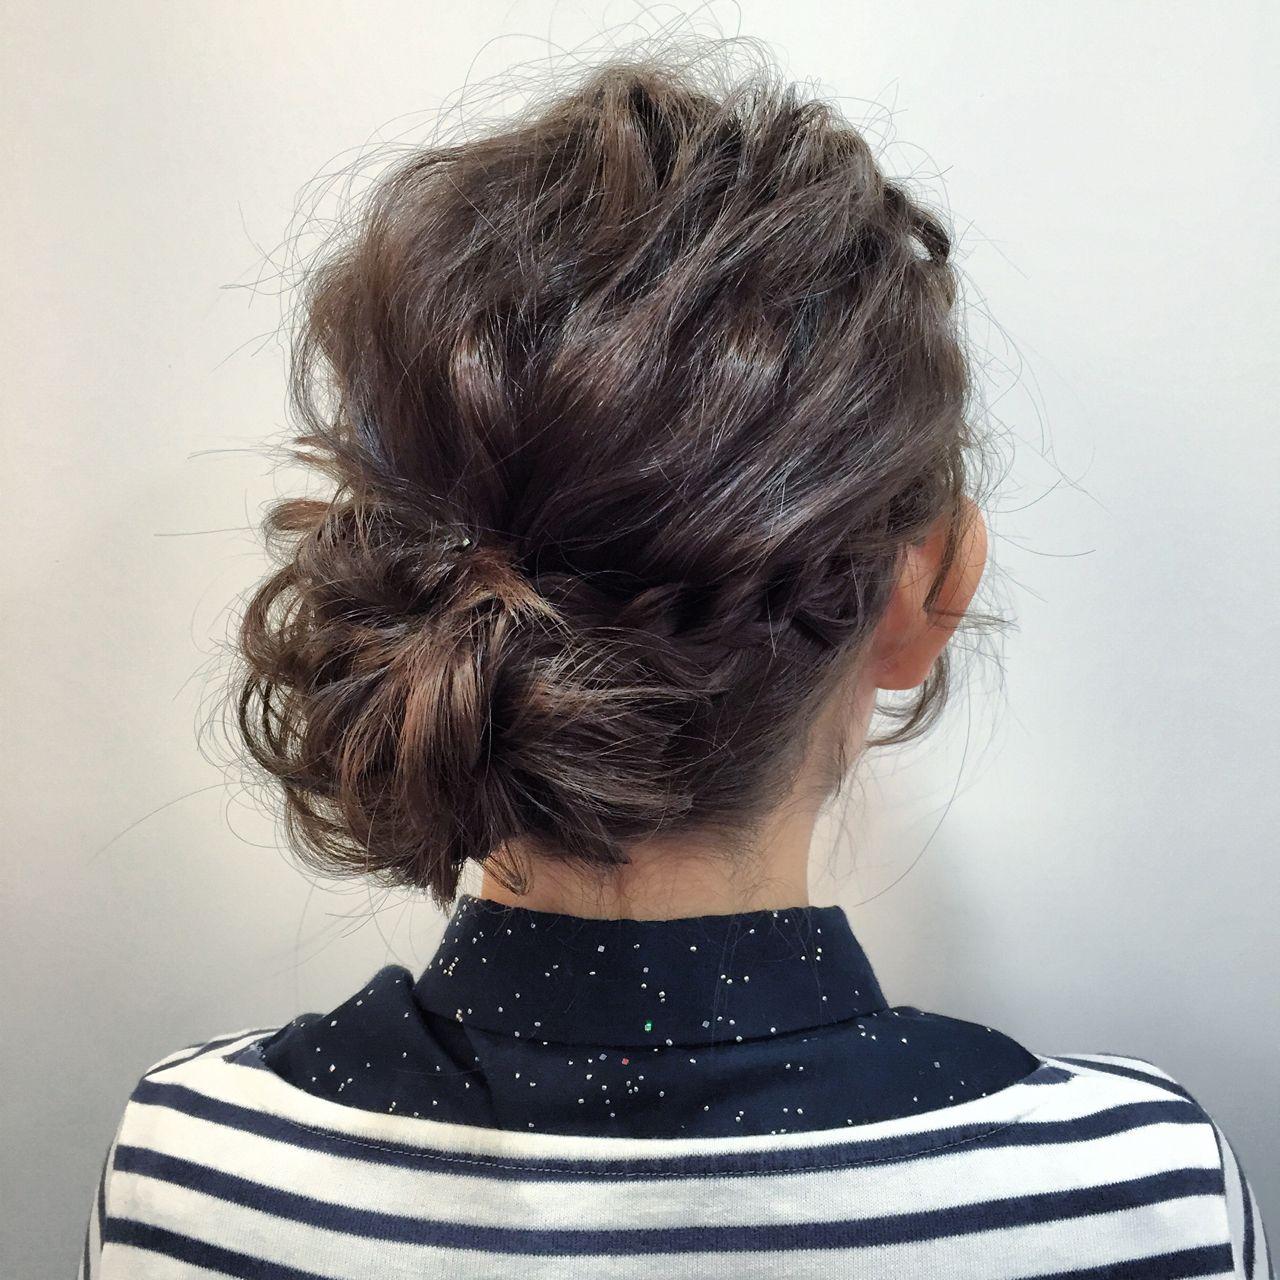 愛され 結婚式 ショート 編み込み ヘアスタイルや髪型の写真・画像